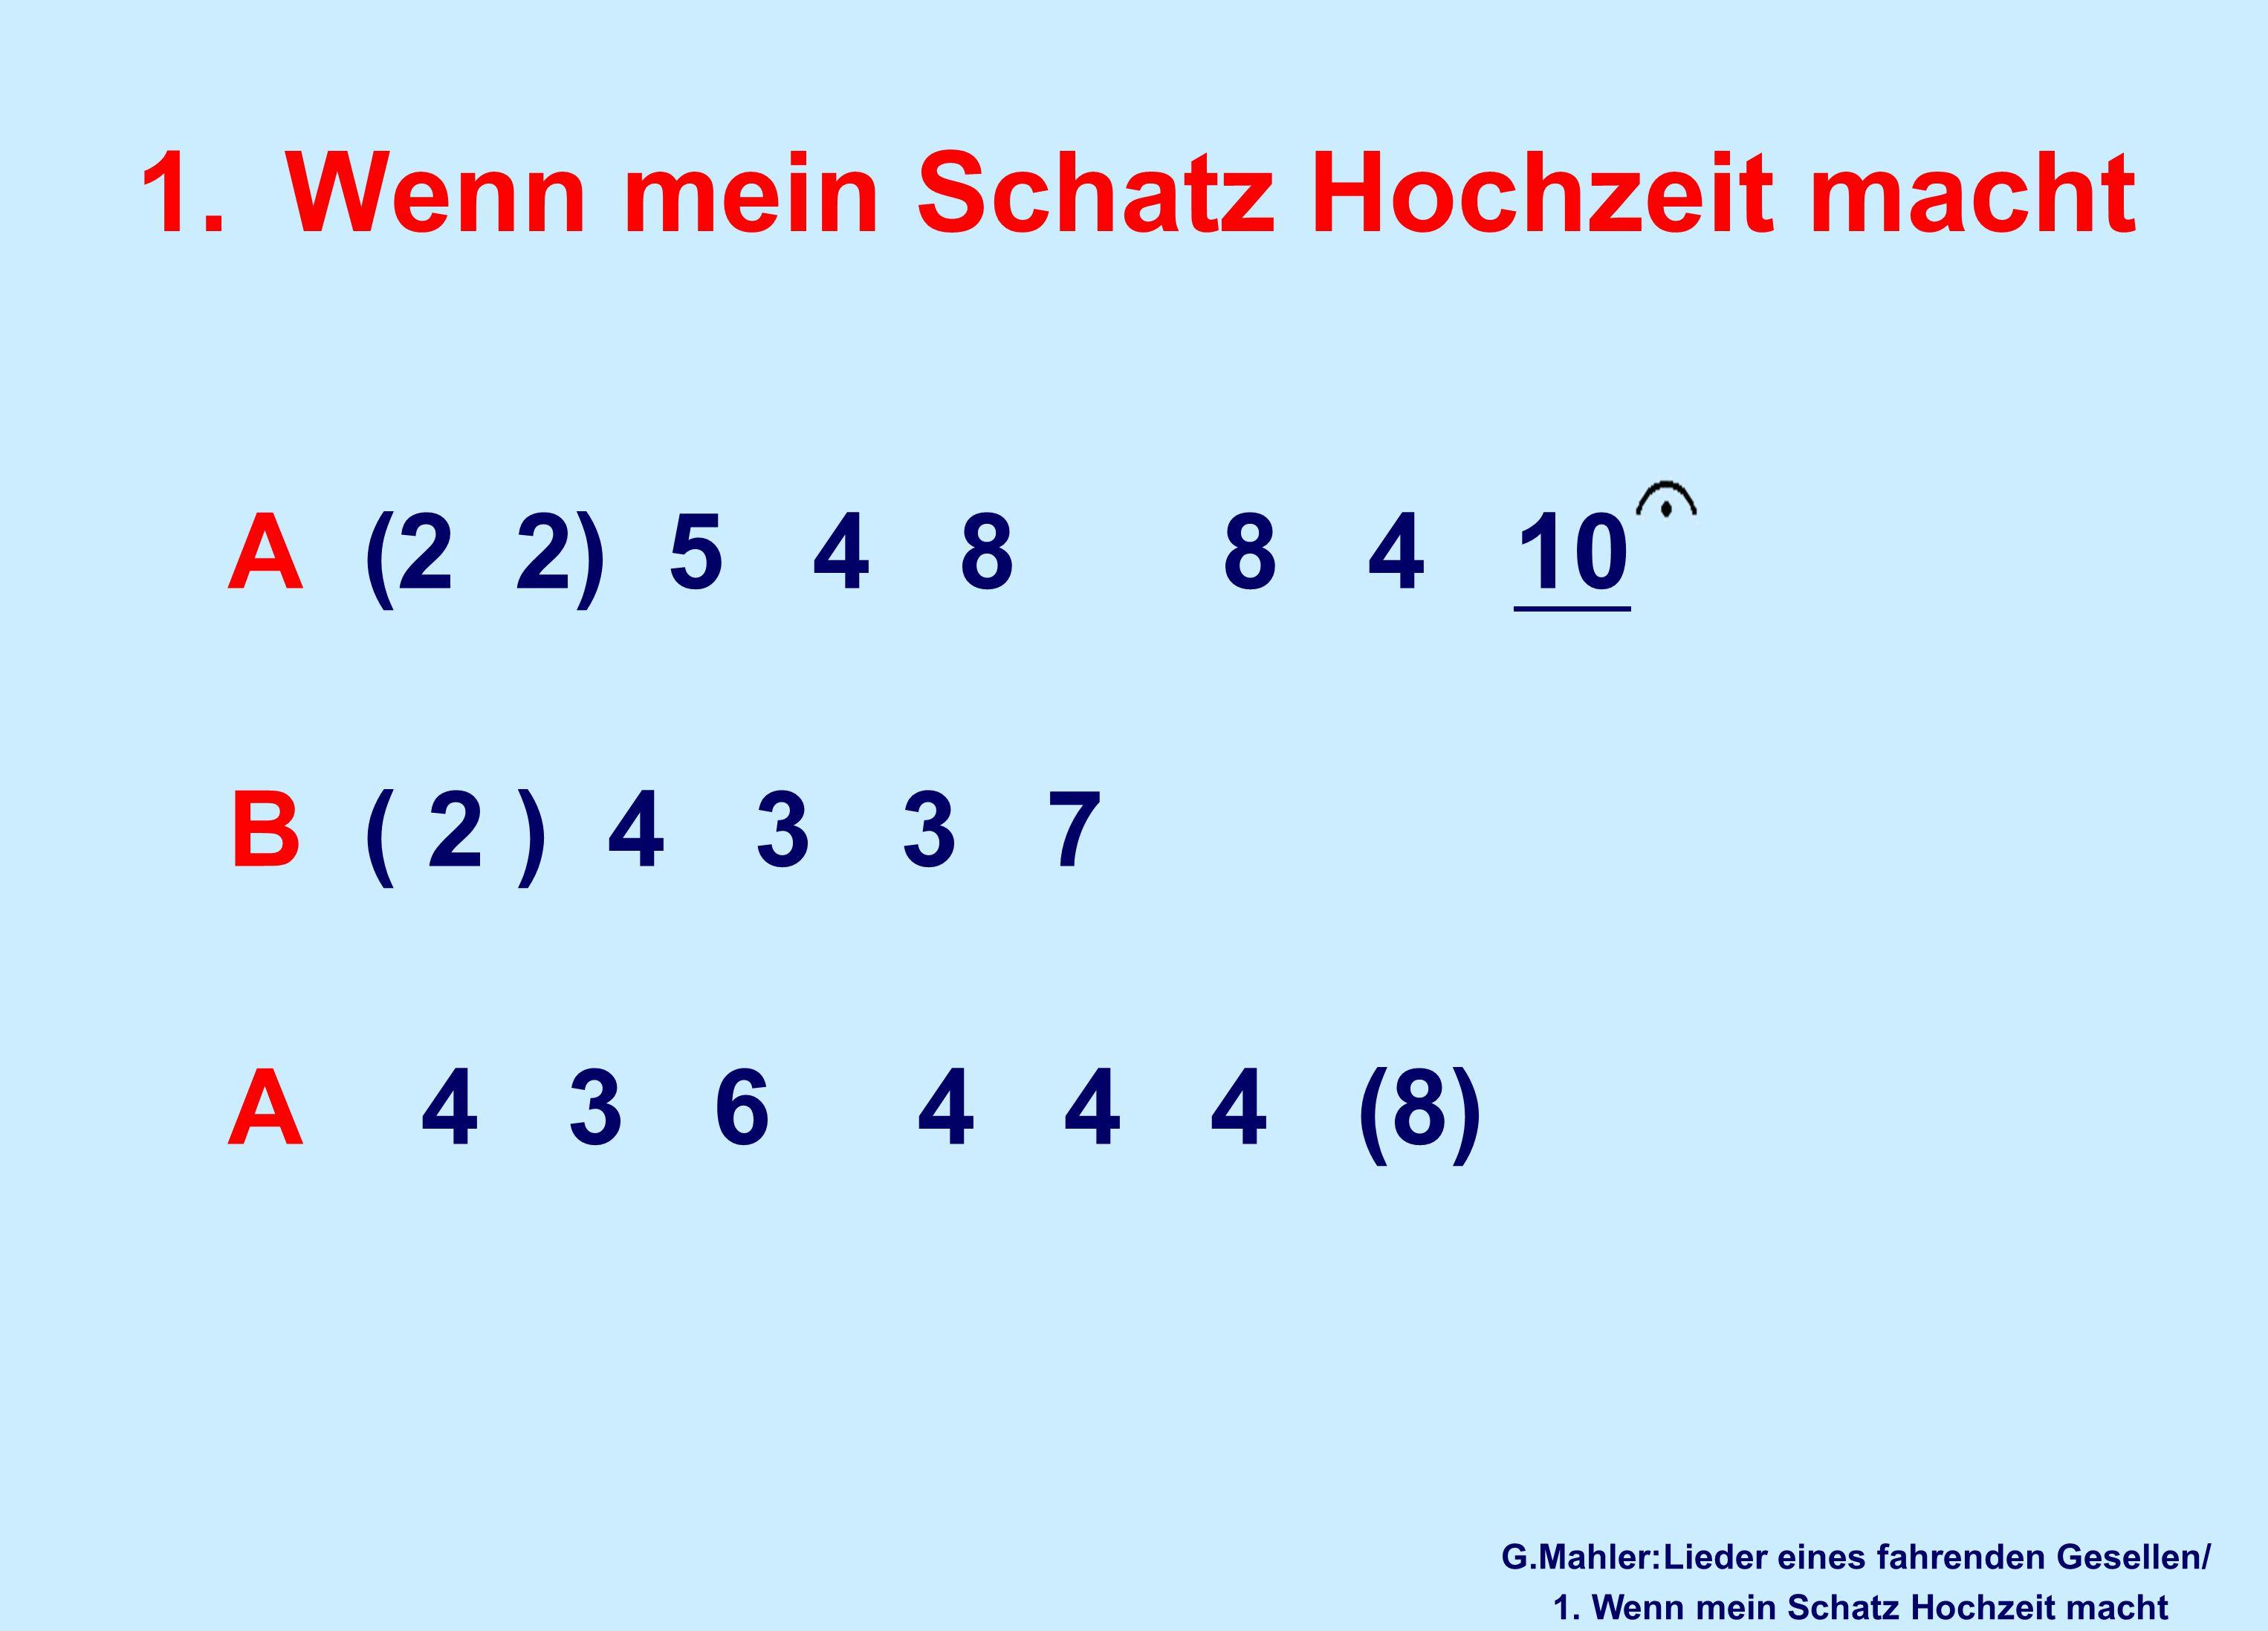 1.Wenn mein Schatz Hochzeit macht A (2 2) 5 4 8 8 4 10 B ( 2 ) 4 3 3 7 A 4 3 6 4 4 4 (8) G.Mahler:Lieder eines fahrenden Gesellen/ 1.